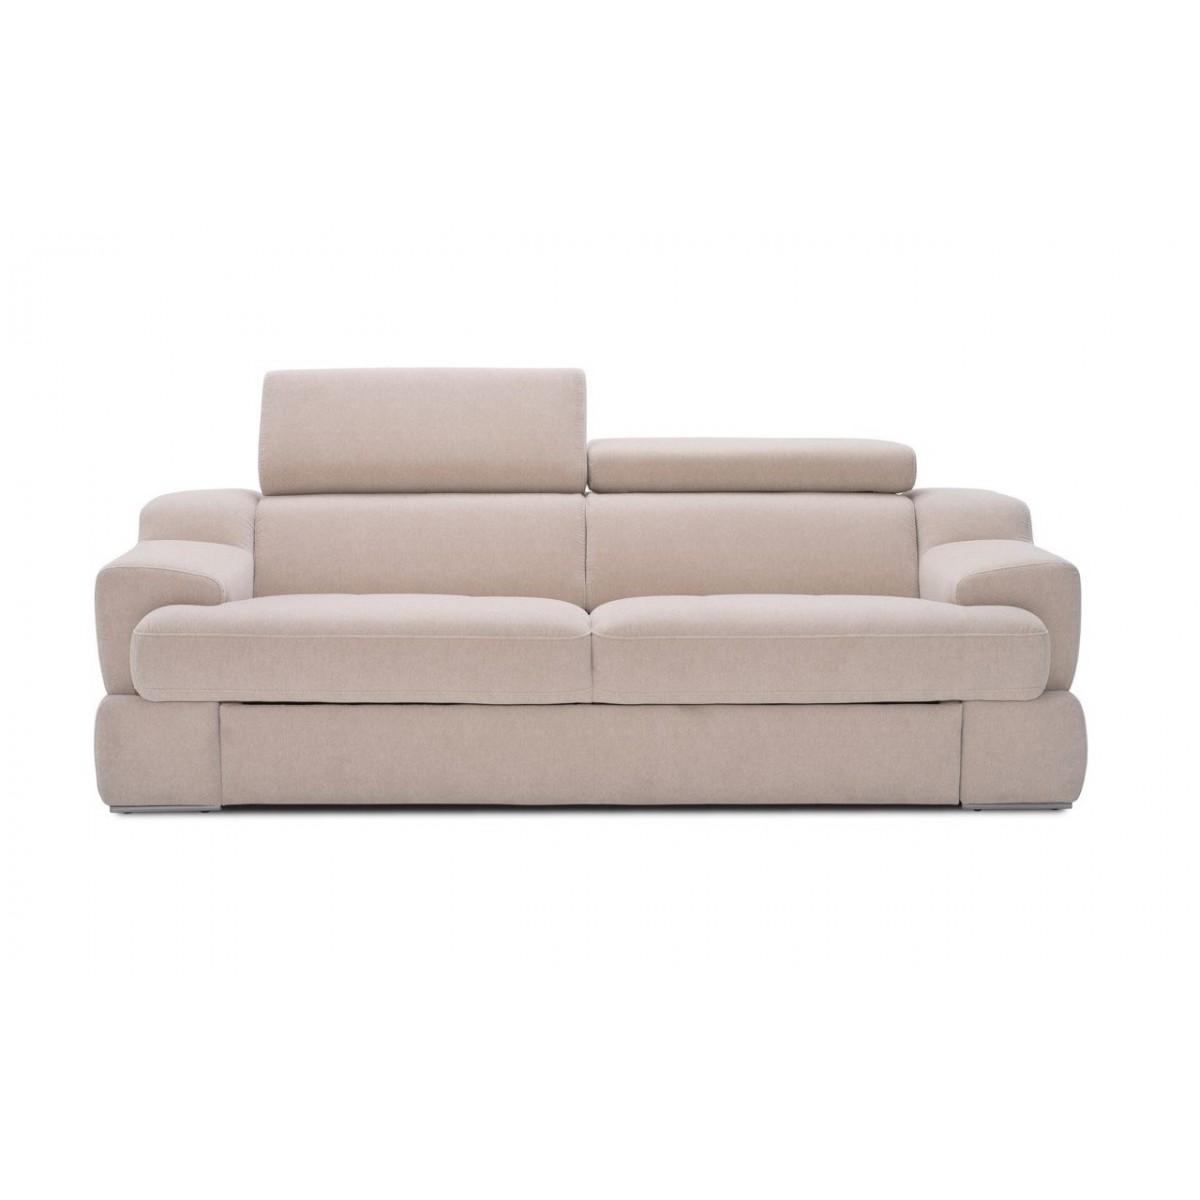 Belluno Sofa 3-osobowa-os. z funkcją spania 223cm z funkcją spania Gala Collezione